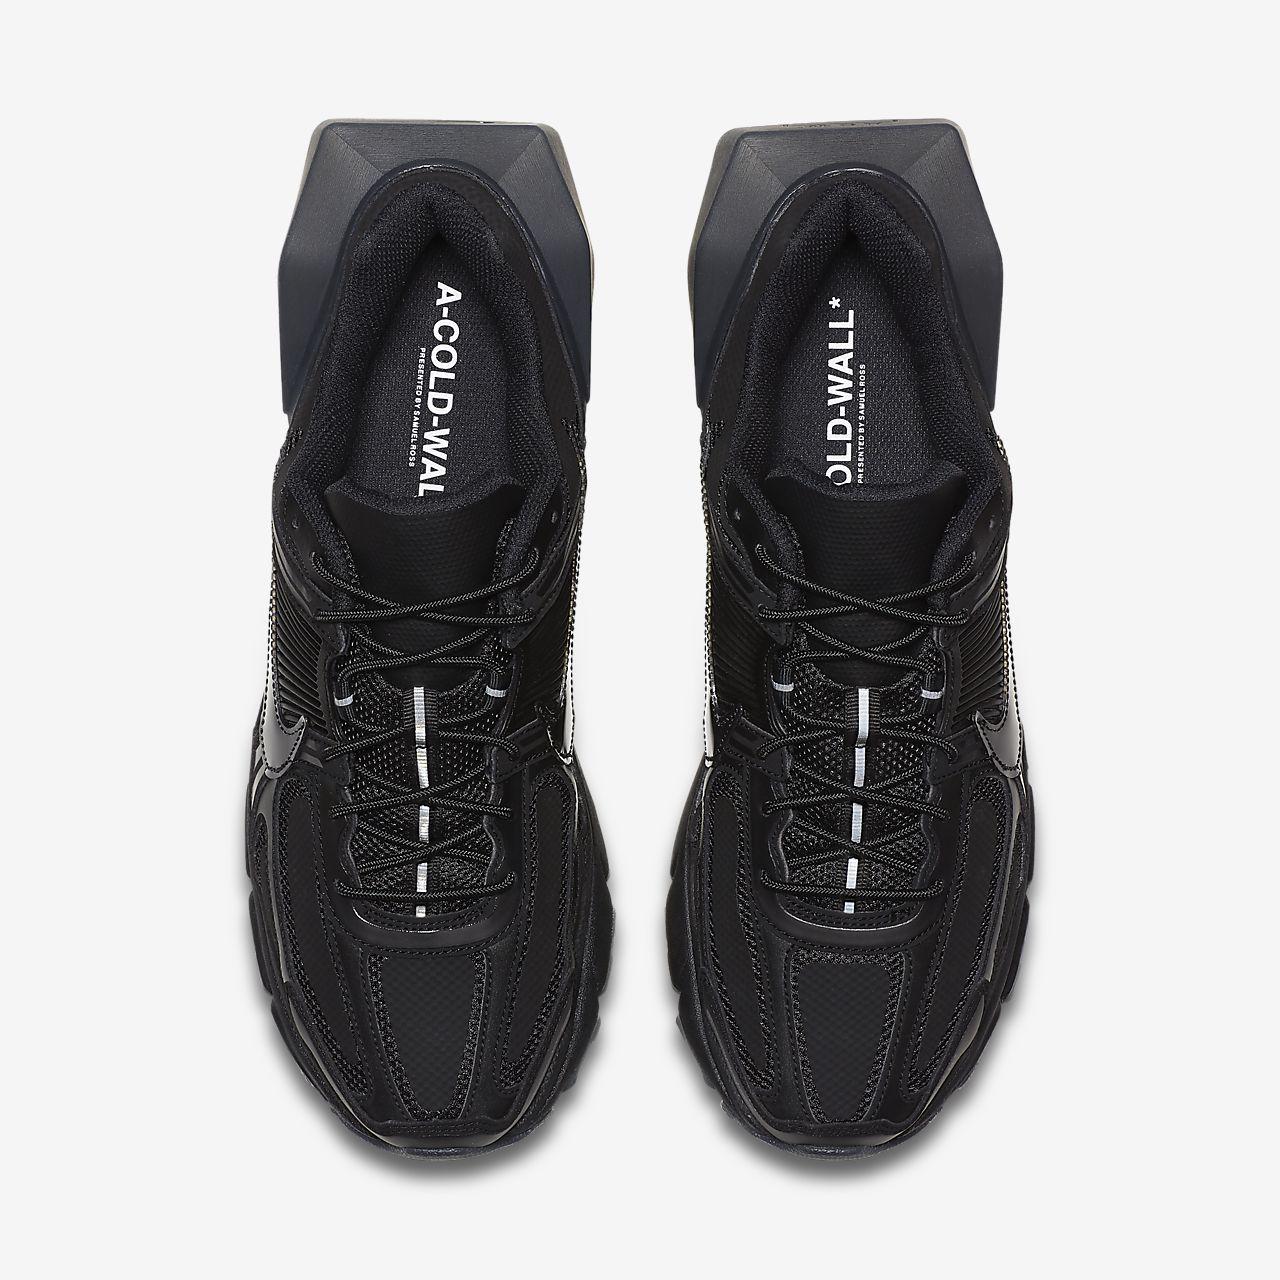 4a29a52b1553 Nike x A-COLD-WALL  Zoom Vomero +5 Shoe. Nike.com MY